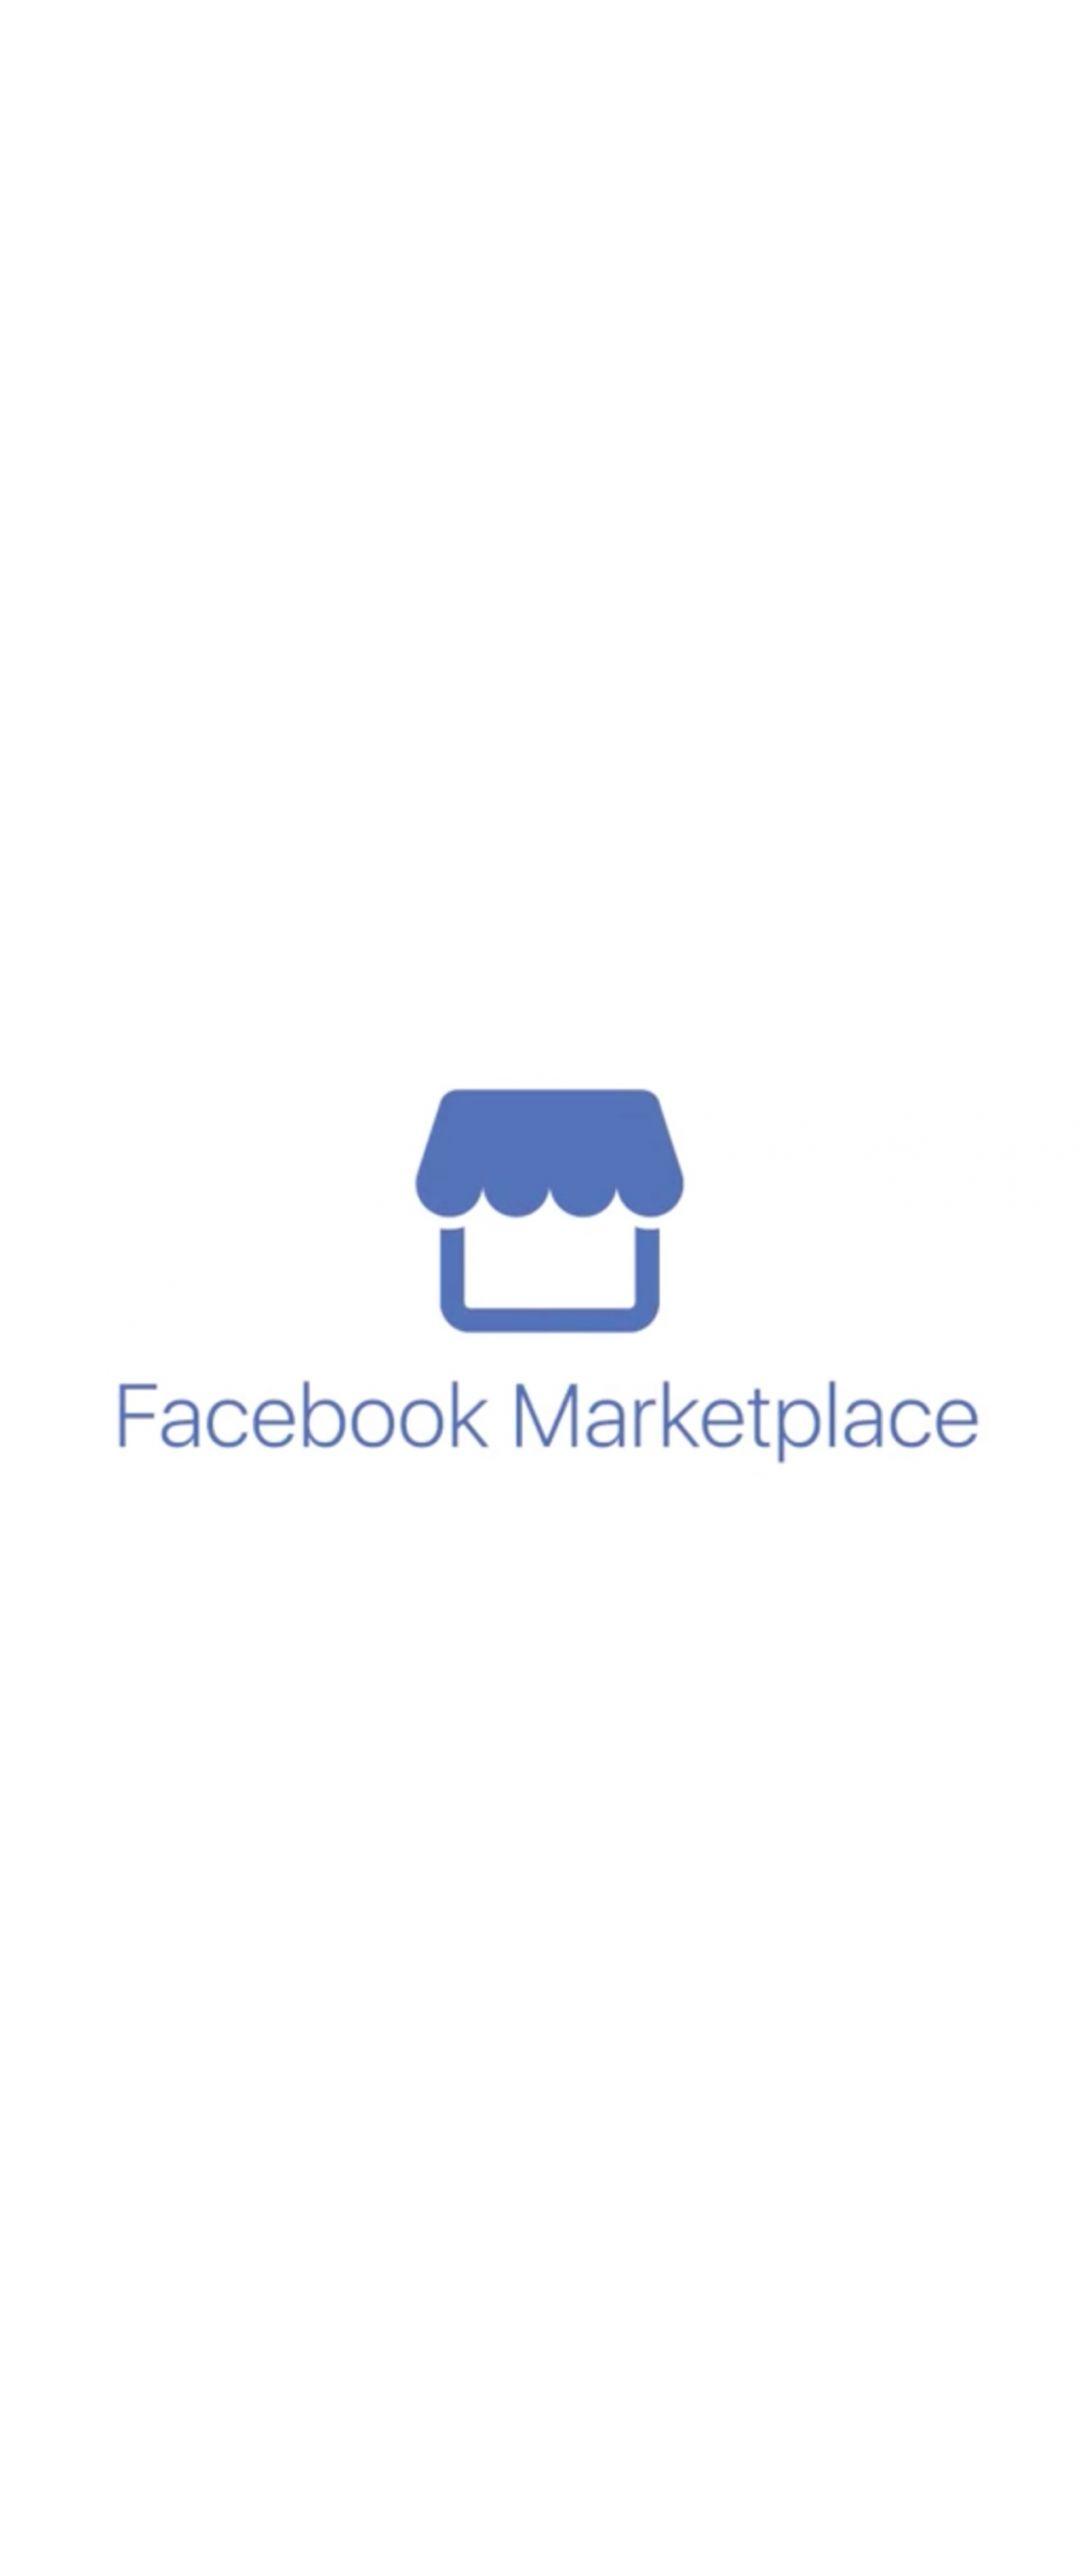 Facebook lanza oficialmente su Marketplace